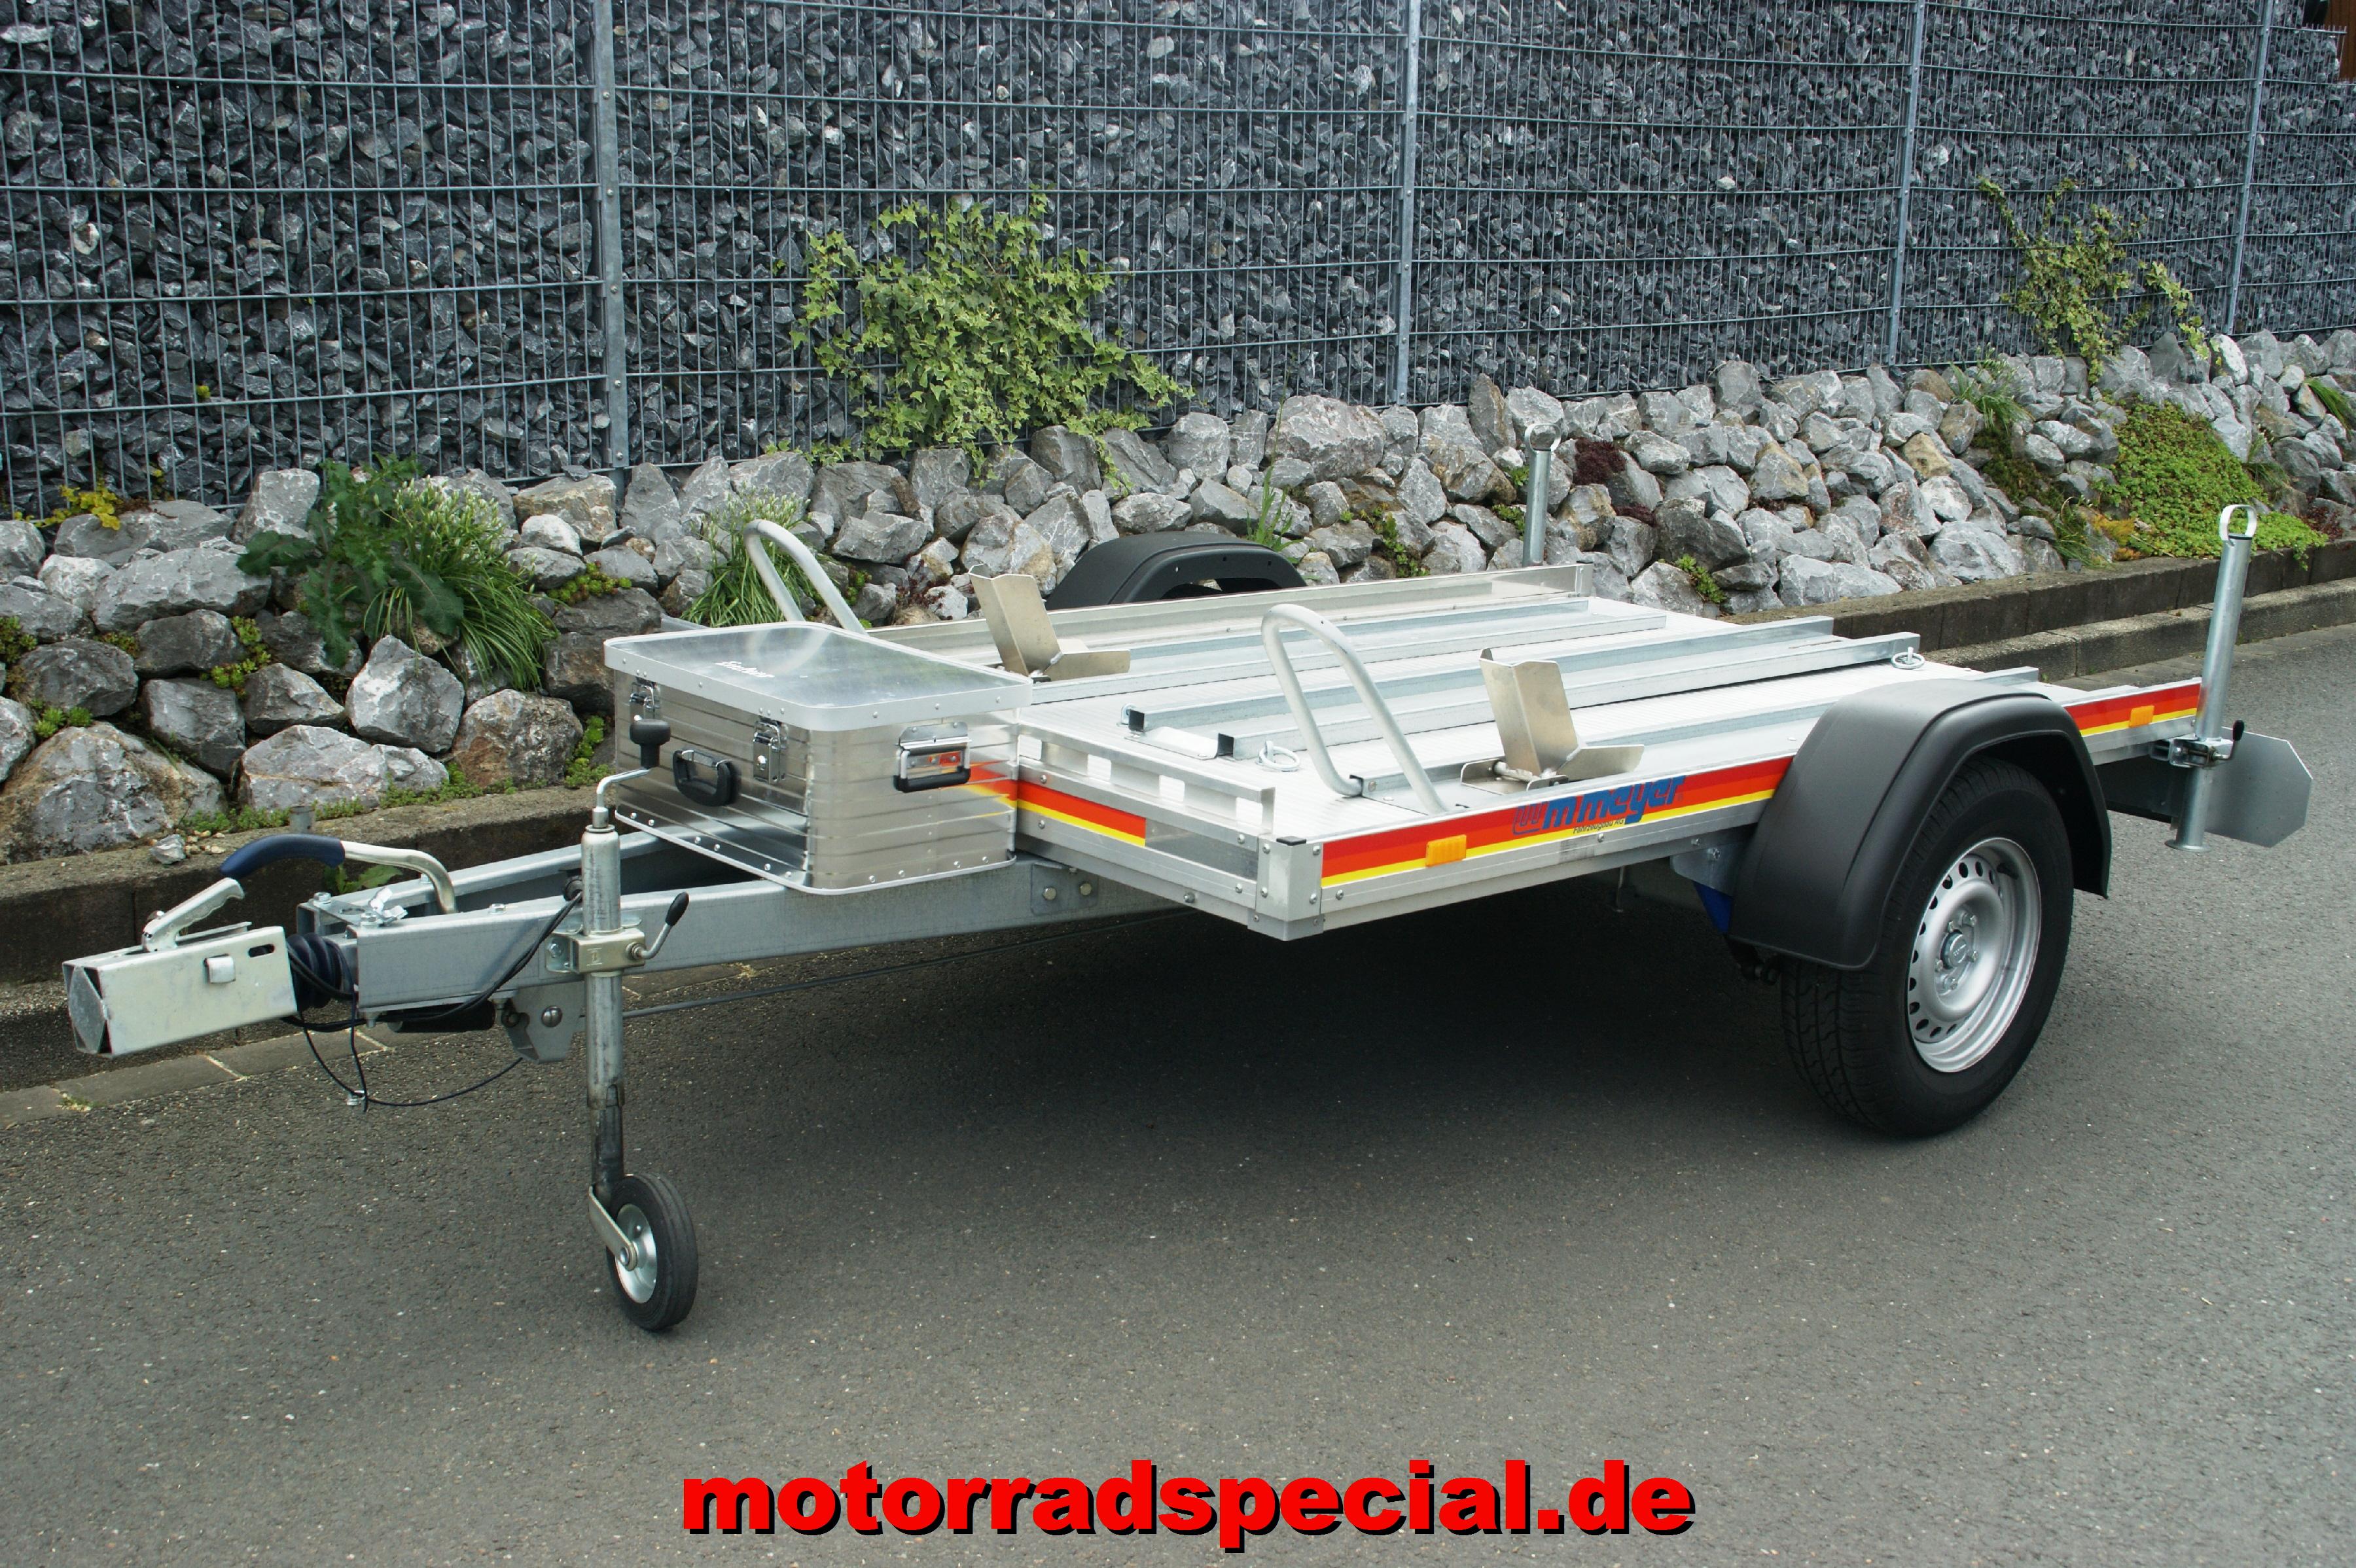 Motorrad Special_Leihänger_mittel_5